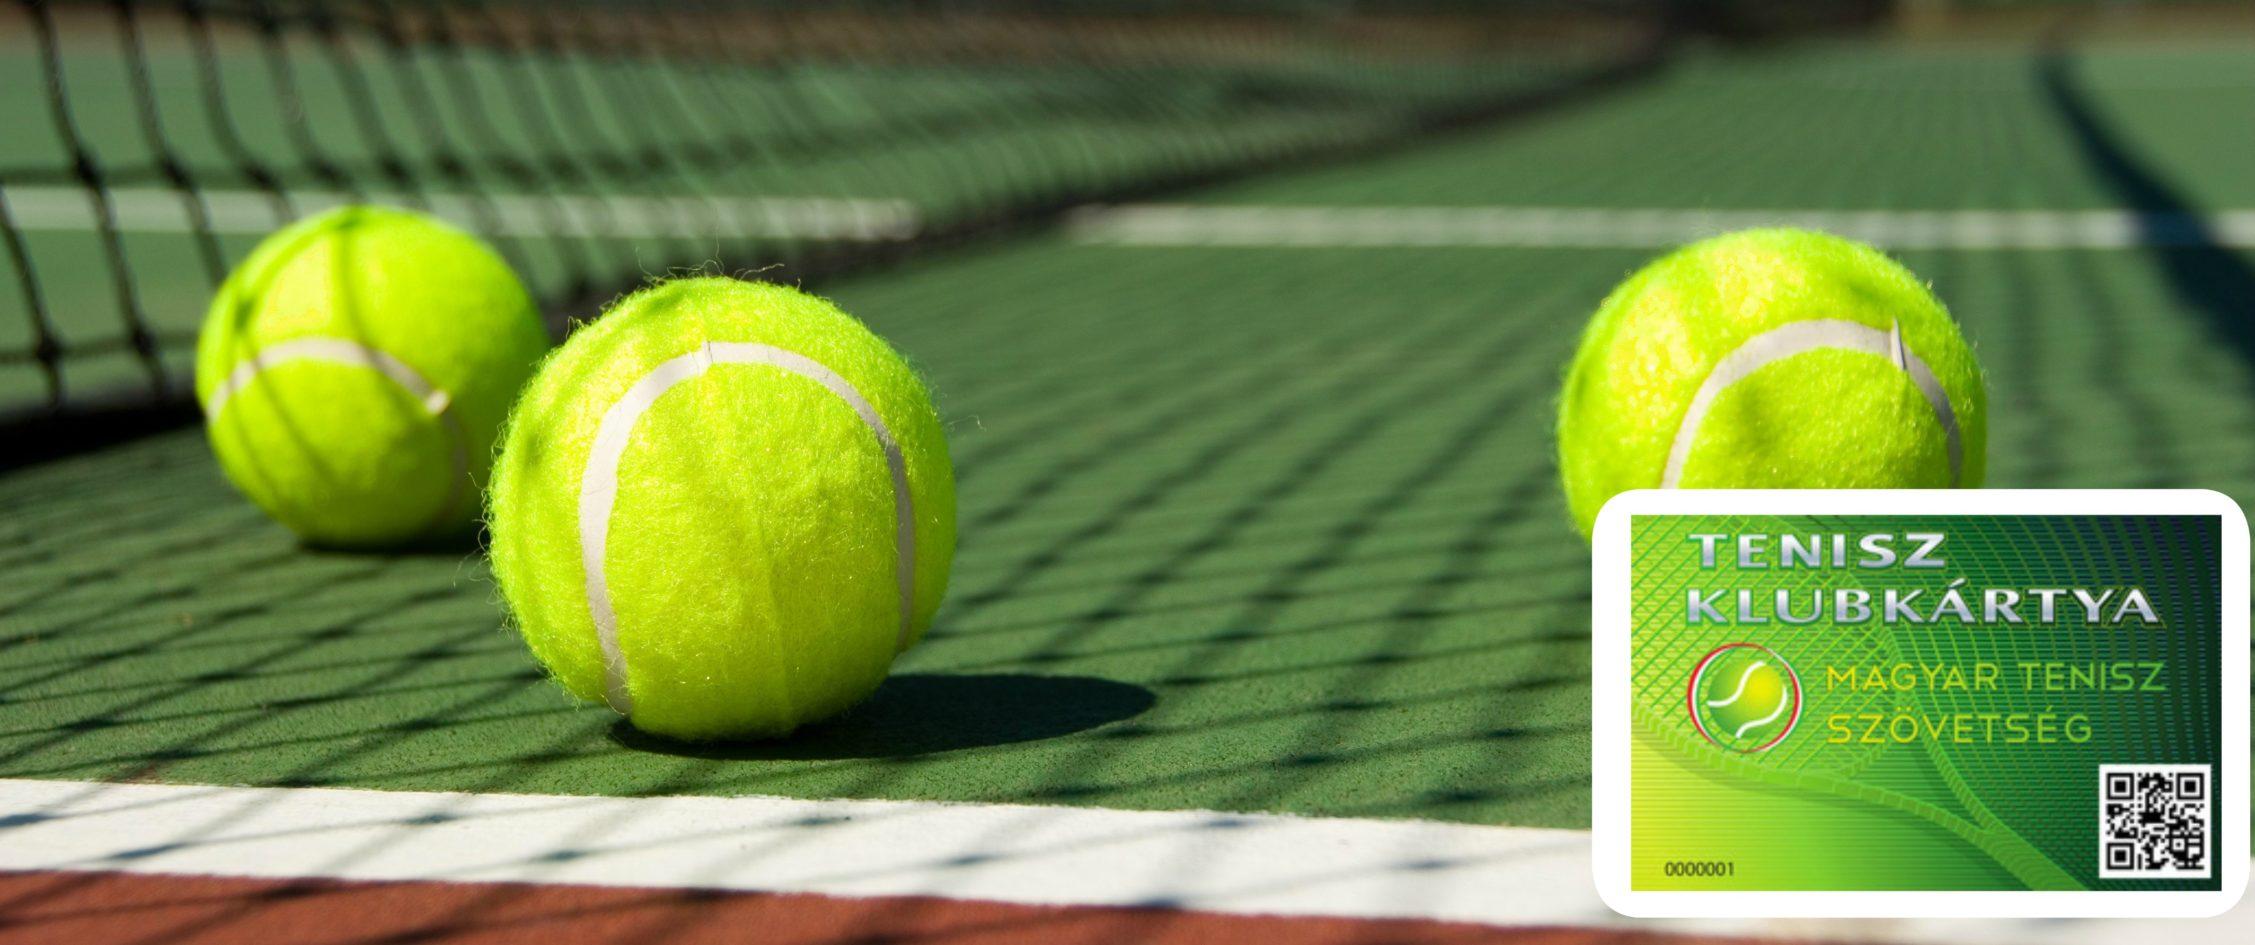 tenisz klubkártya